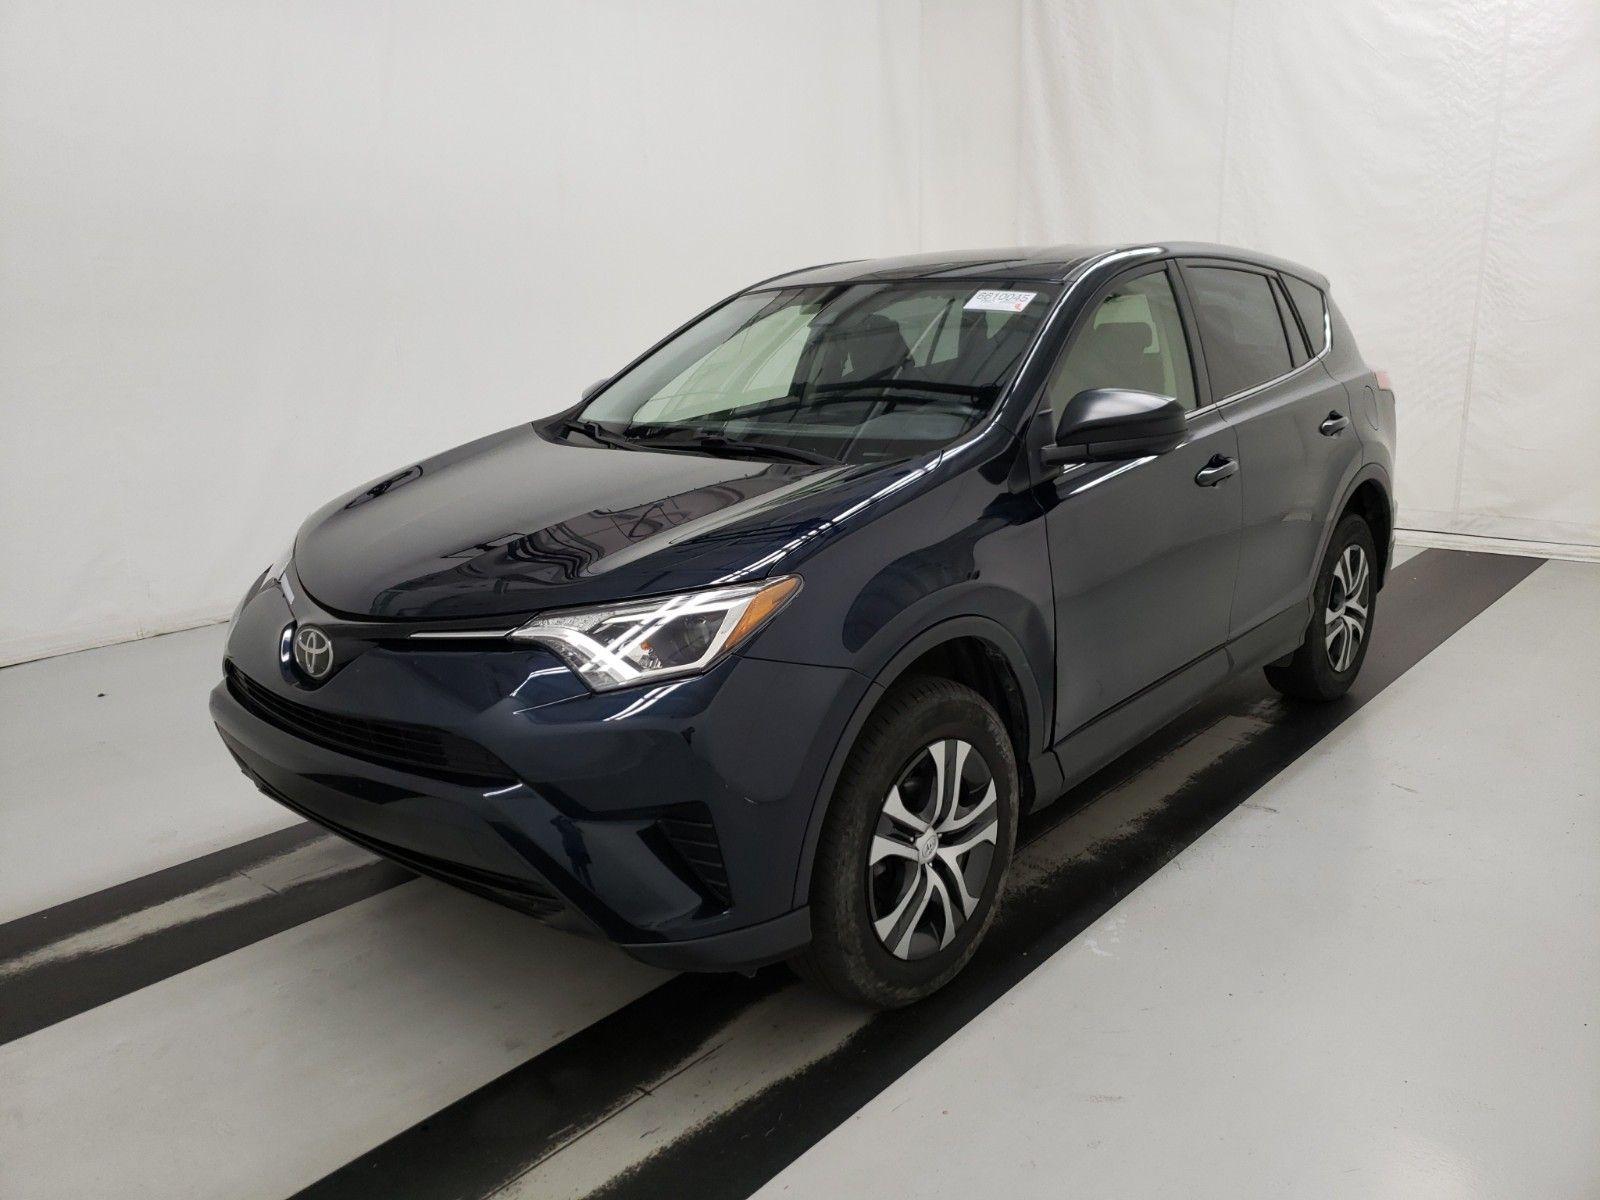 2017 Toyota Rav4 2.5. Lot 99921273345 Vin JTMBFREV0HJ161454